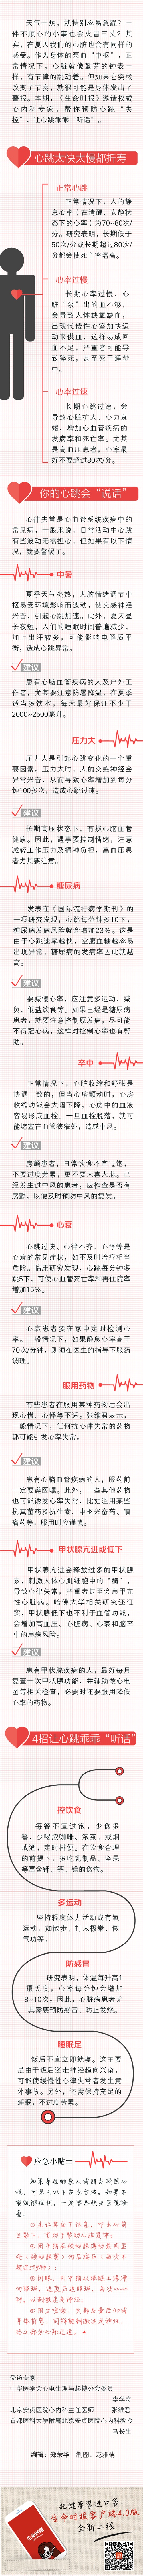 2016年11月18日 - 锦上添花 - 錦上添花 blog.